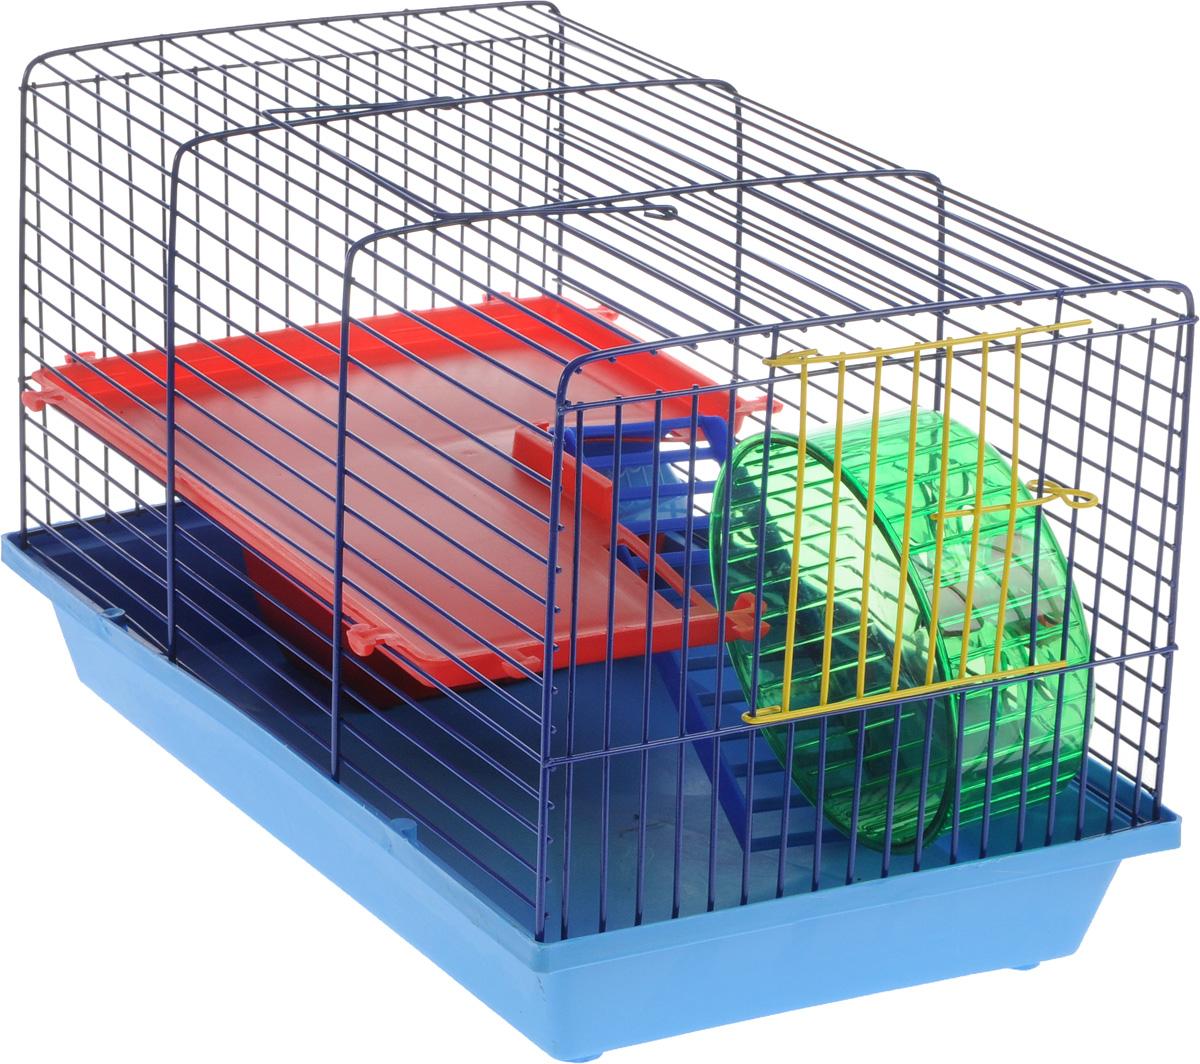 Клетка для грызунов ЗооМарк, 2-этажная, цвет: синий поддон, синяя решетка, красный этаж, 36 х 23 х 24 см125ССКлетка ЗооМарк, выполненная из пластика и металла, предназначена для мелких грызунов. Изделие двухэтажное, оборудовано колесом для подвижных игр и пластиковым домиком. Клетка имеет яркий поддон, удобна в использовании и легко чистится. Сверху имеется ручка для переноски. Такая клетка станет уединенным личным пространством и уютным домиком для маленького грызуна.